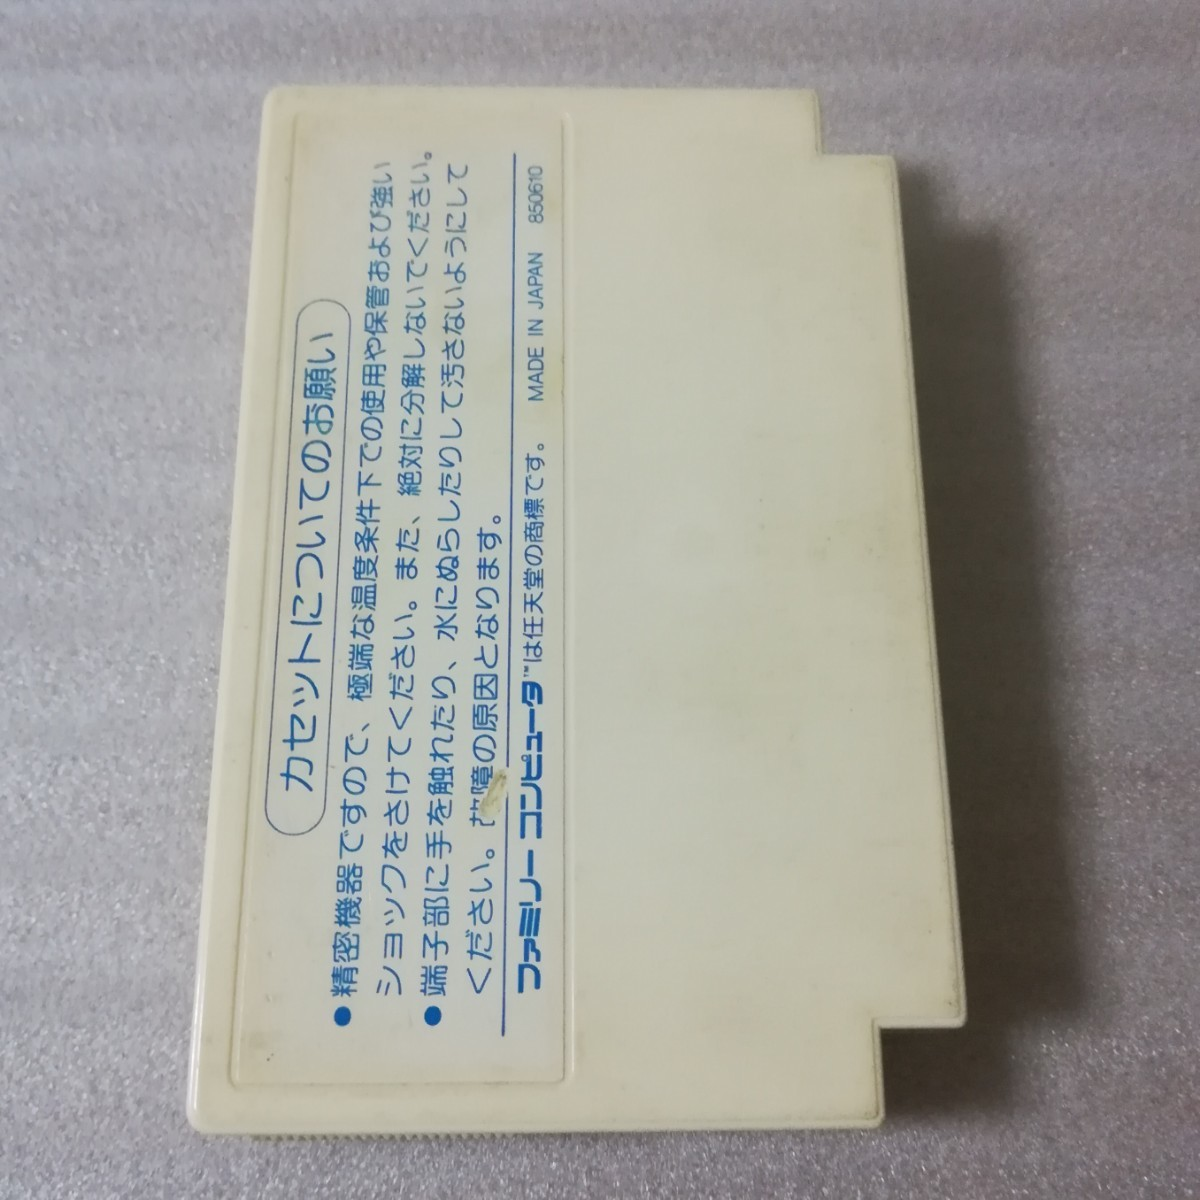 ウルティマ Ultima ハイドライドスペシャル  ファミコンソフト レトロゲームソフト